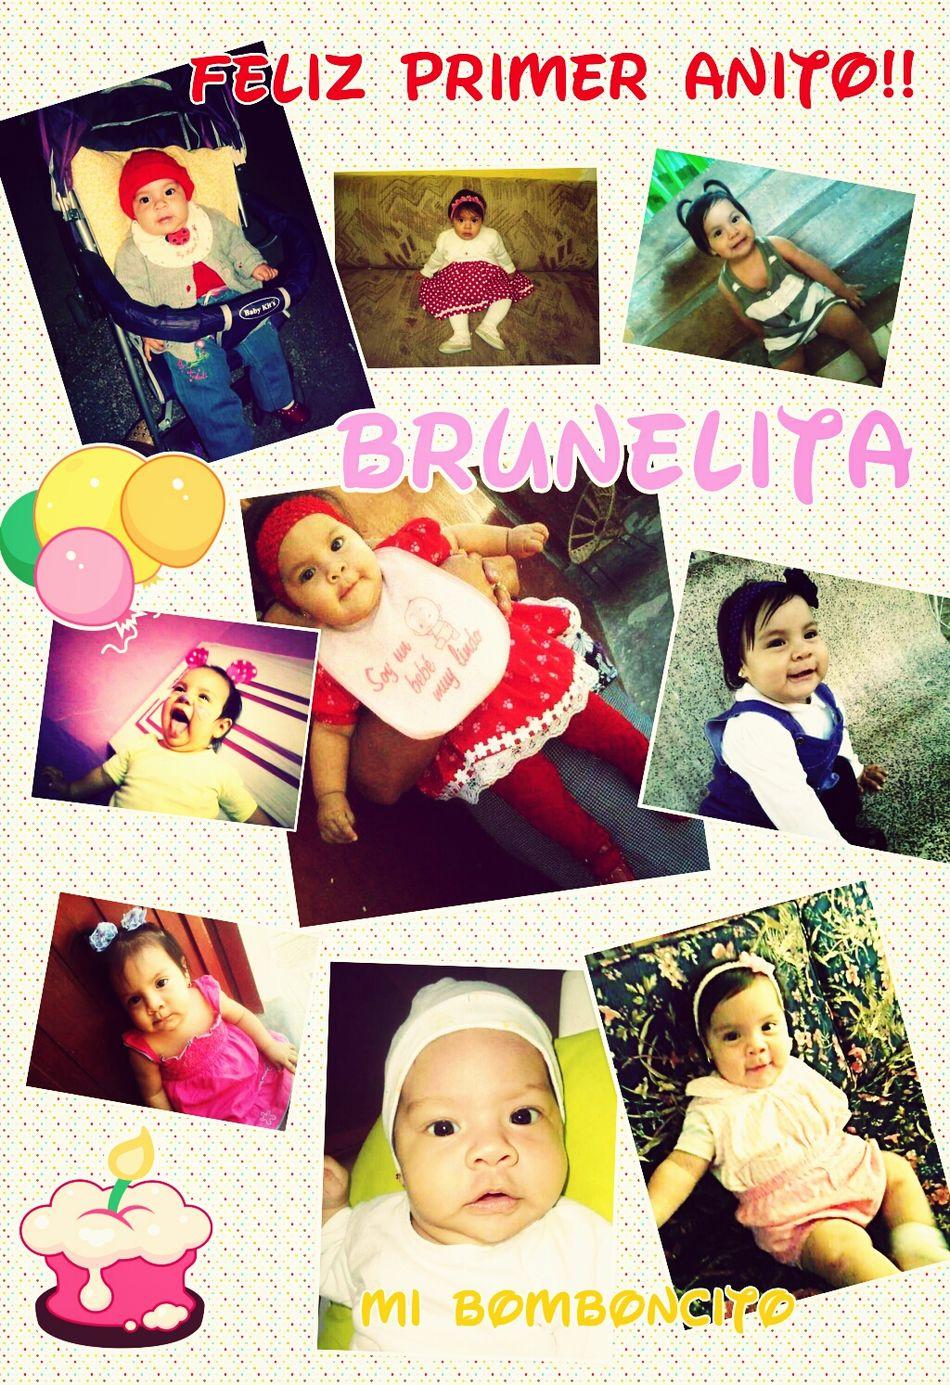 feliz cumpleaños princesita......te quiero mucho mi sobrinita preciosa.......... Happy Birthday Baby Girl Precious ❤ My Little Princess MINI CORNEJO